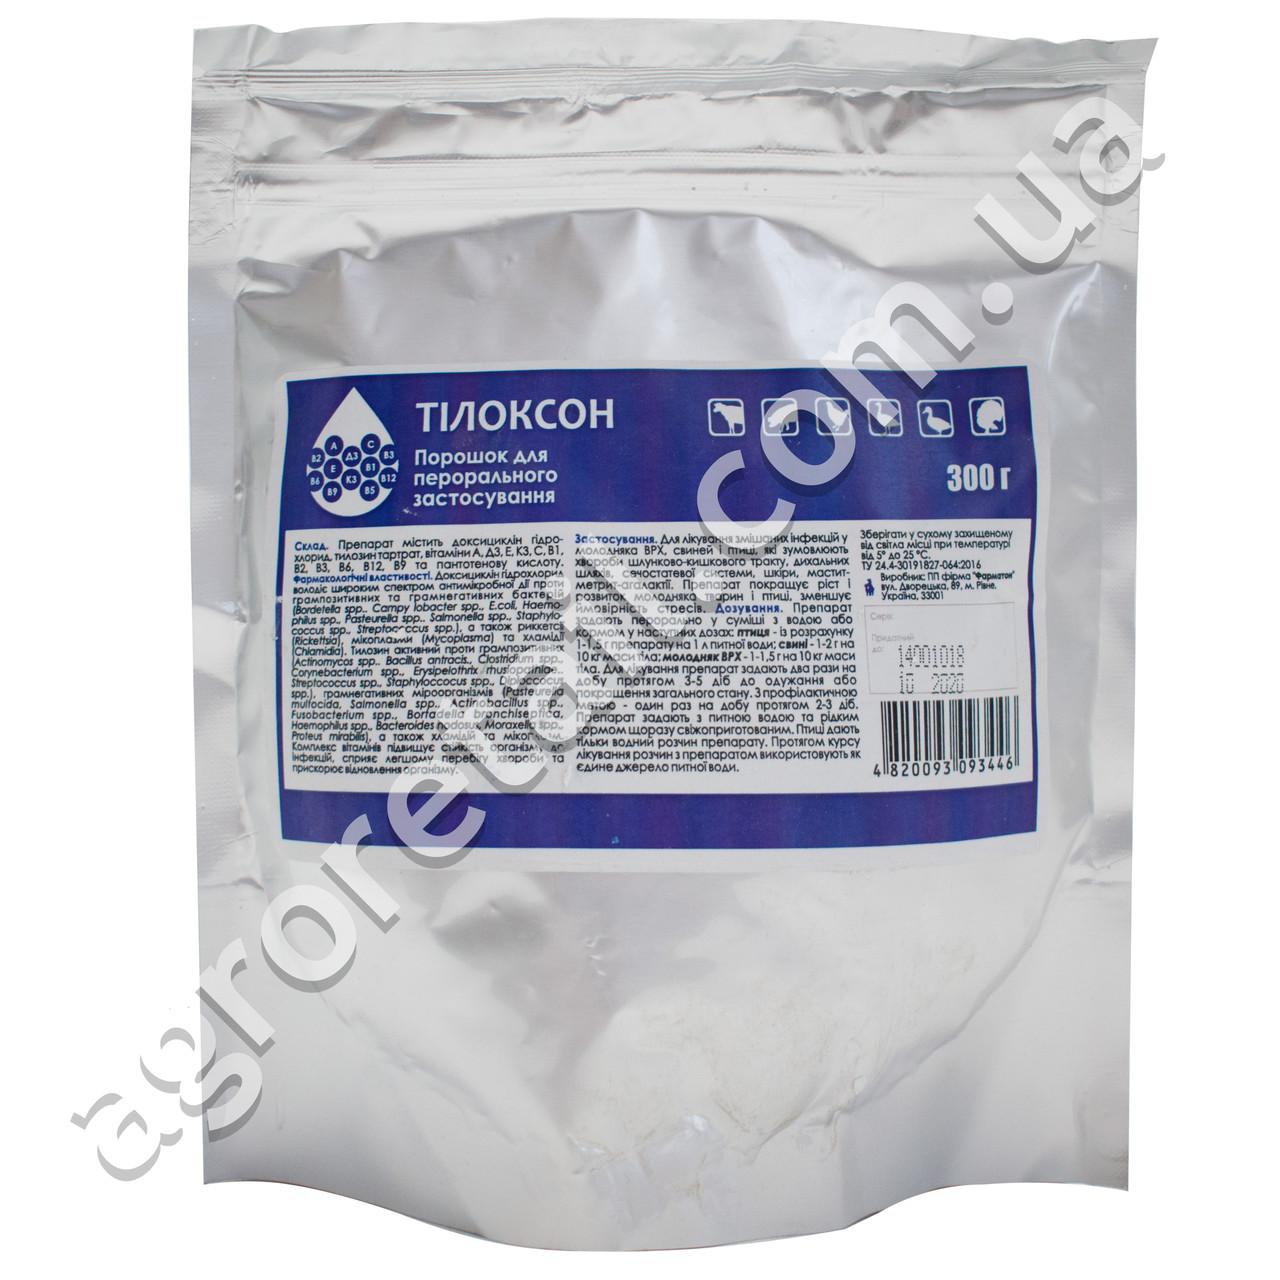 Тилоксон порошок 300 г